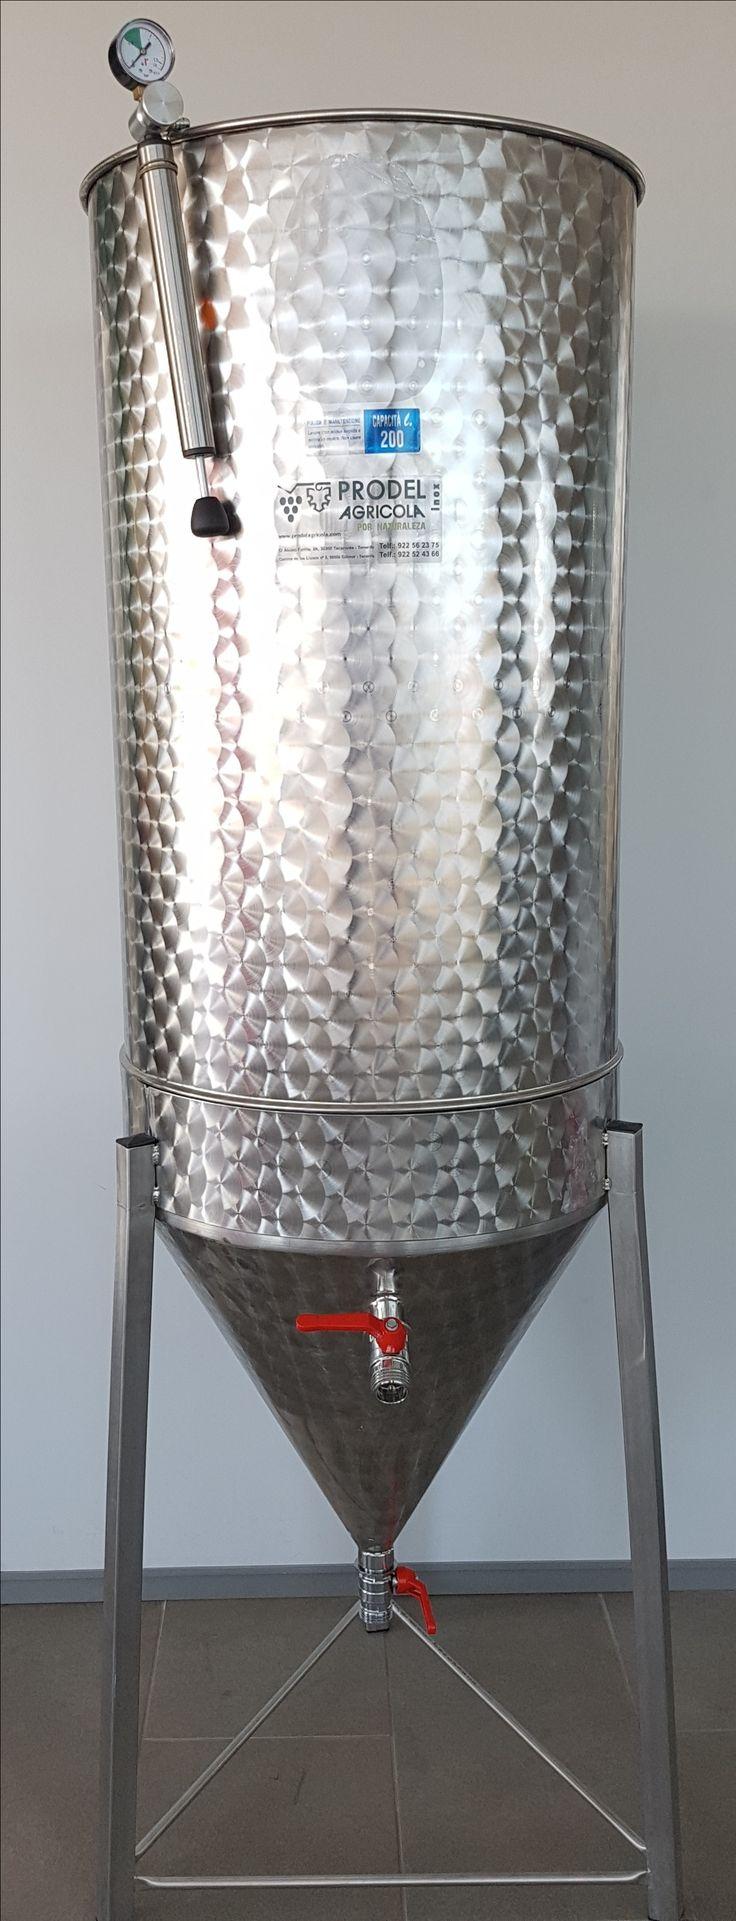 Depósito de acero inoxidable con fondo cónico de 60º de inclinación apto para decantación. Tapa superior flotante con sistema siemprelleno. Apoyado sobre patas